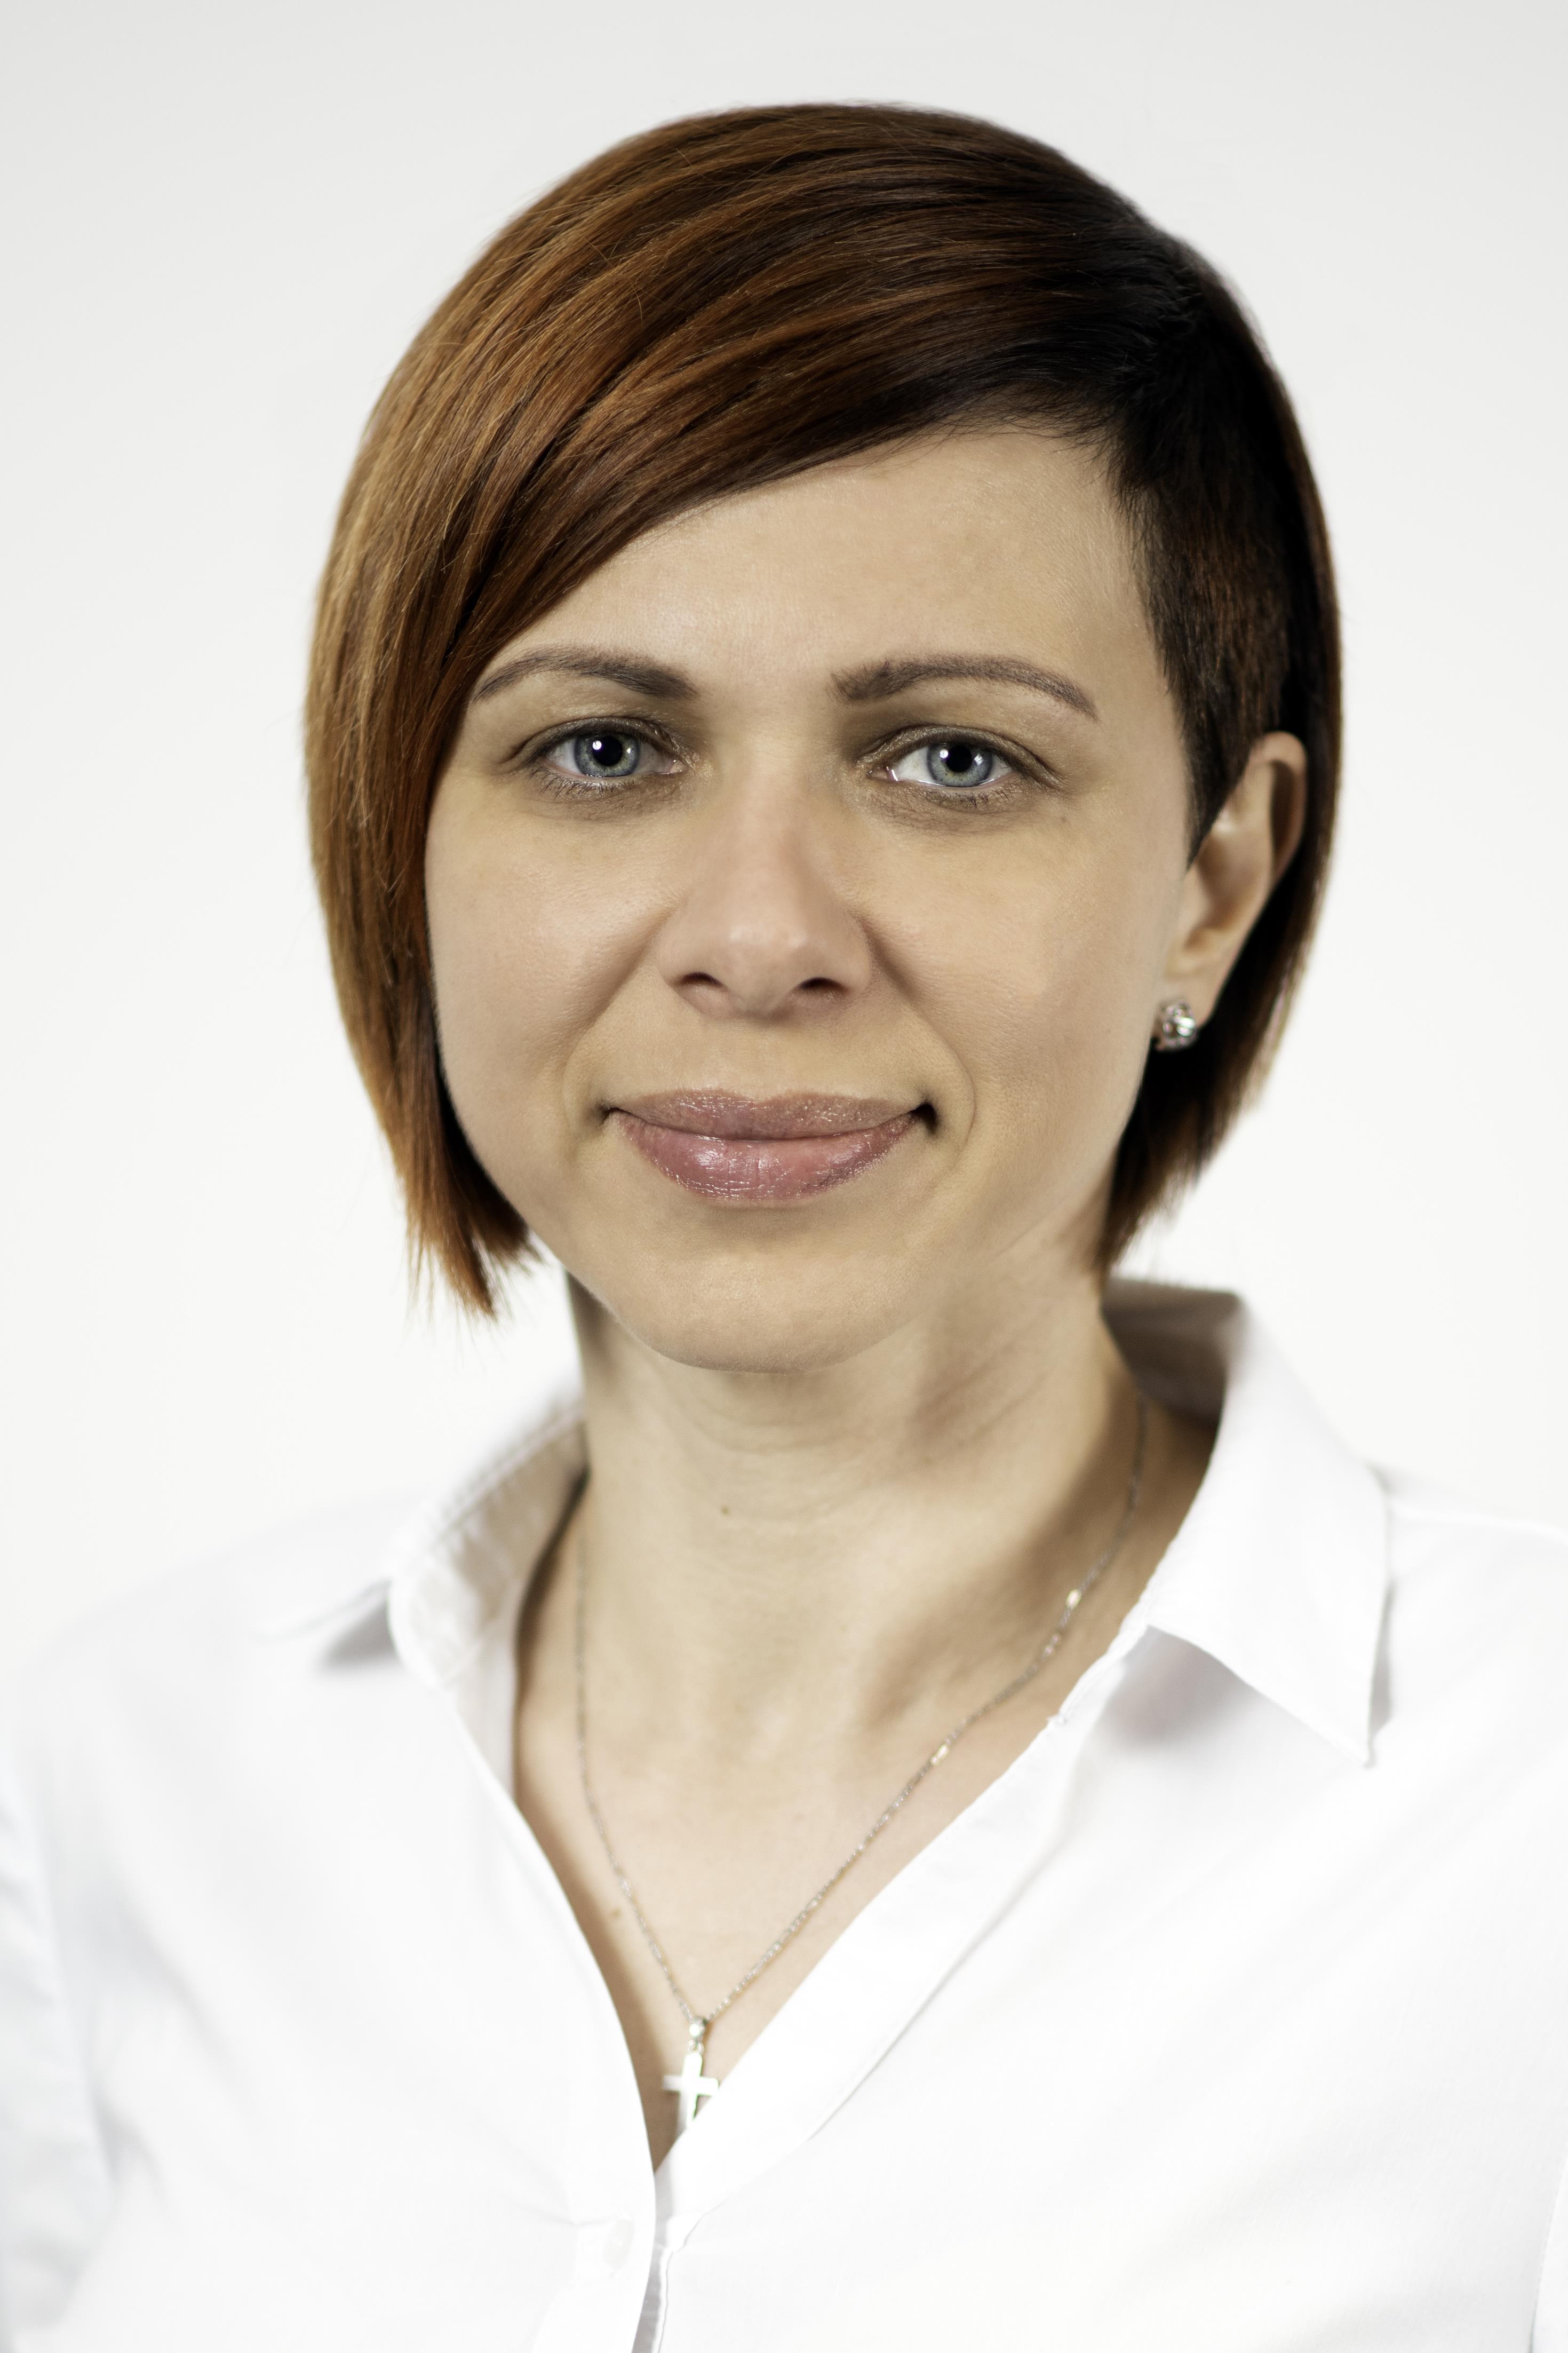 Šuteková, Miriam